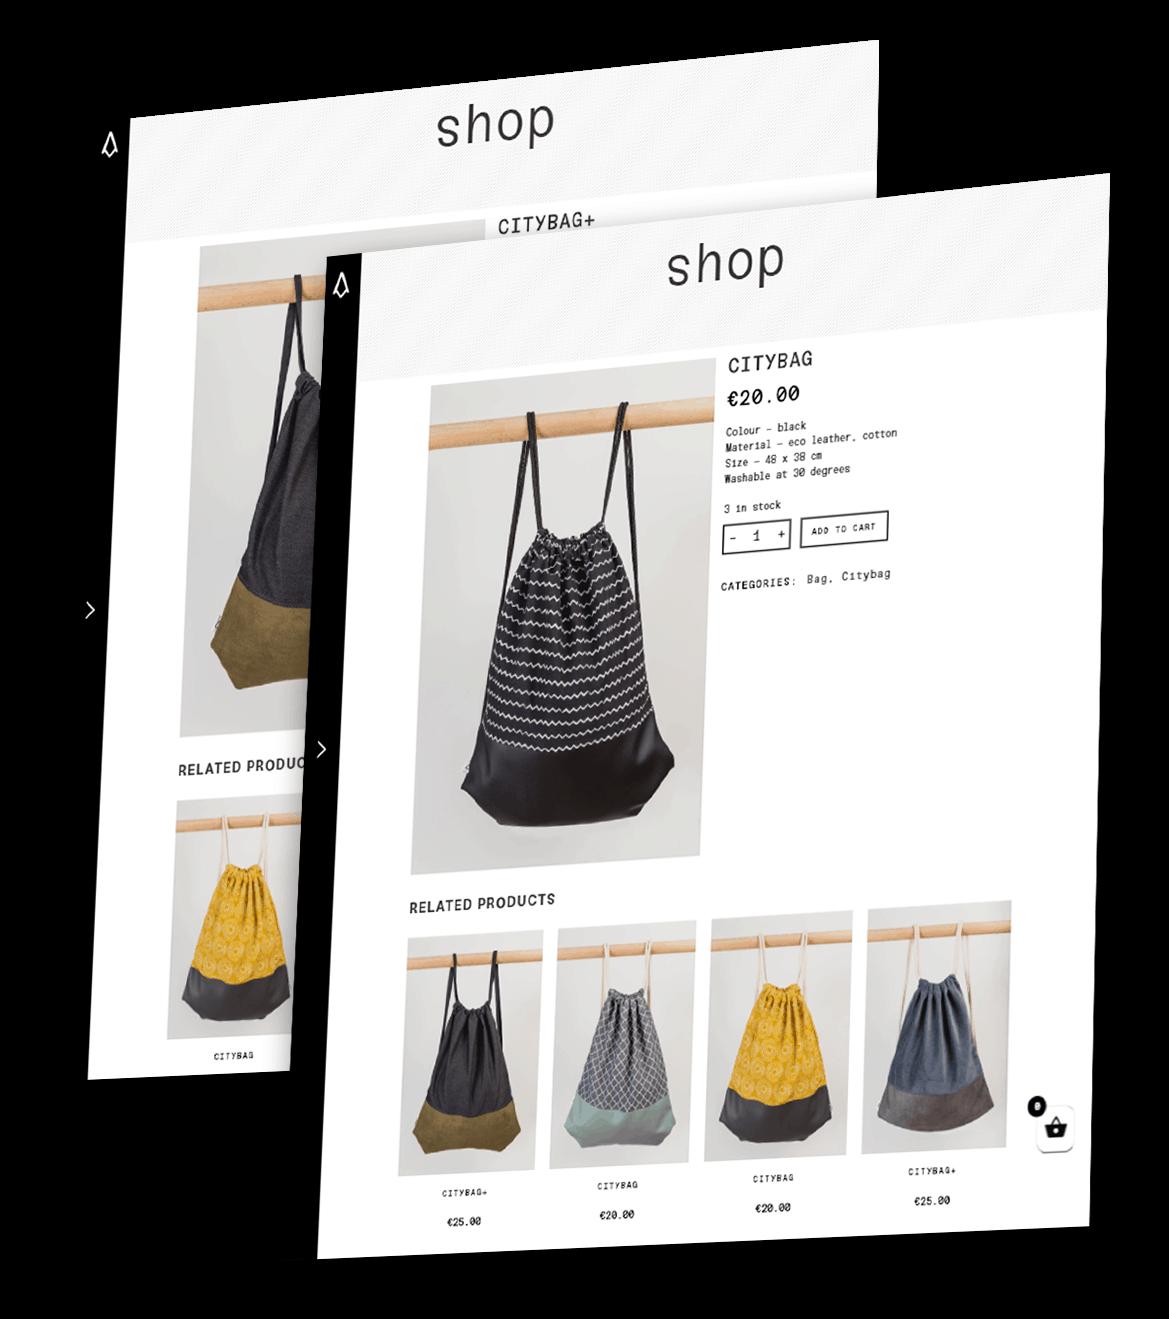 Zobrazenie produktu na e-shope